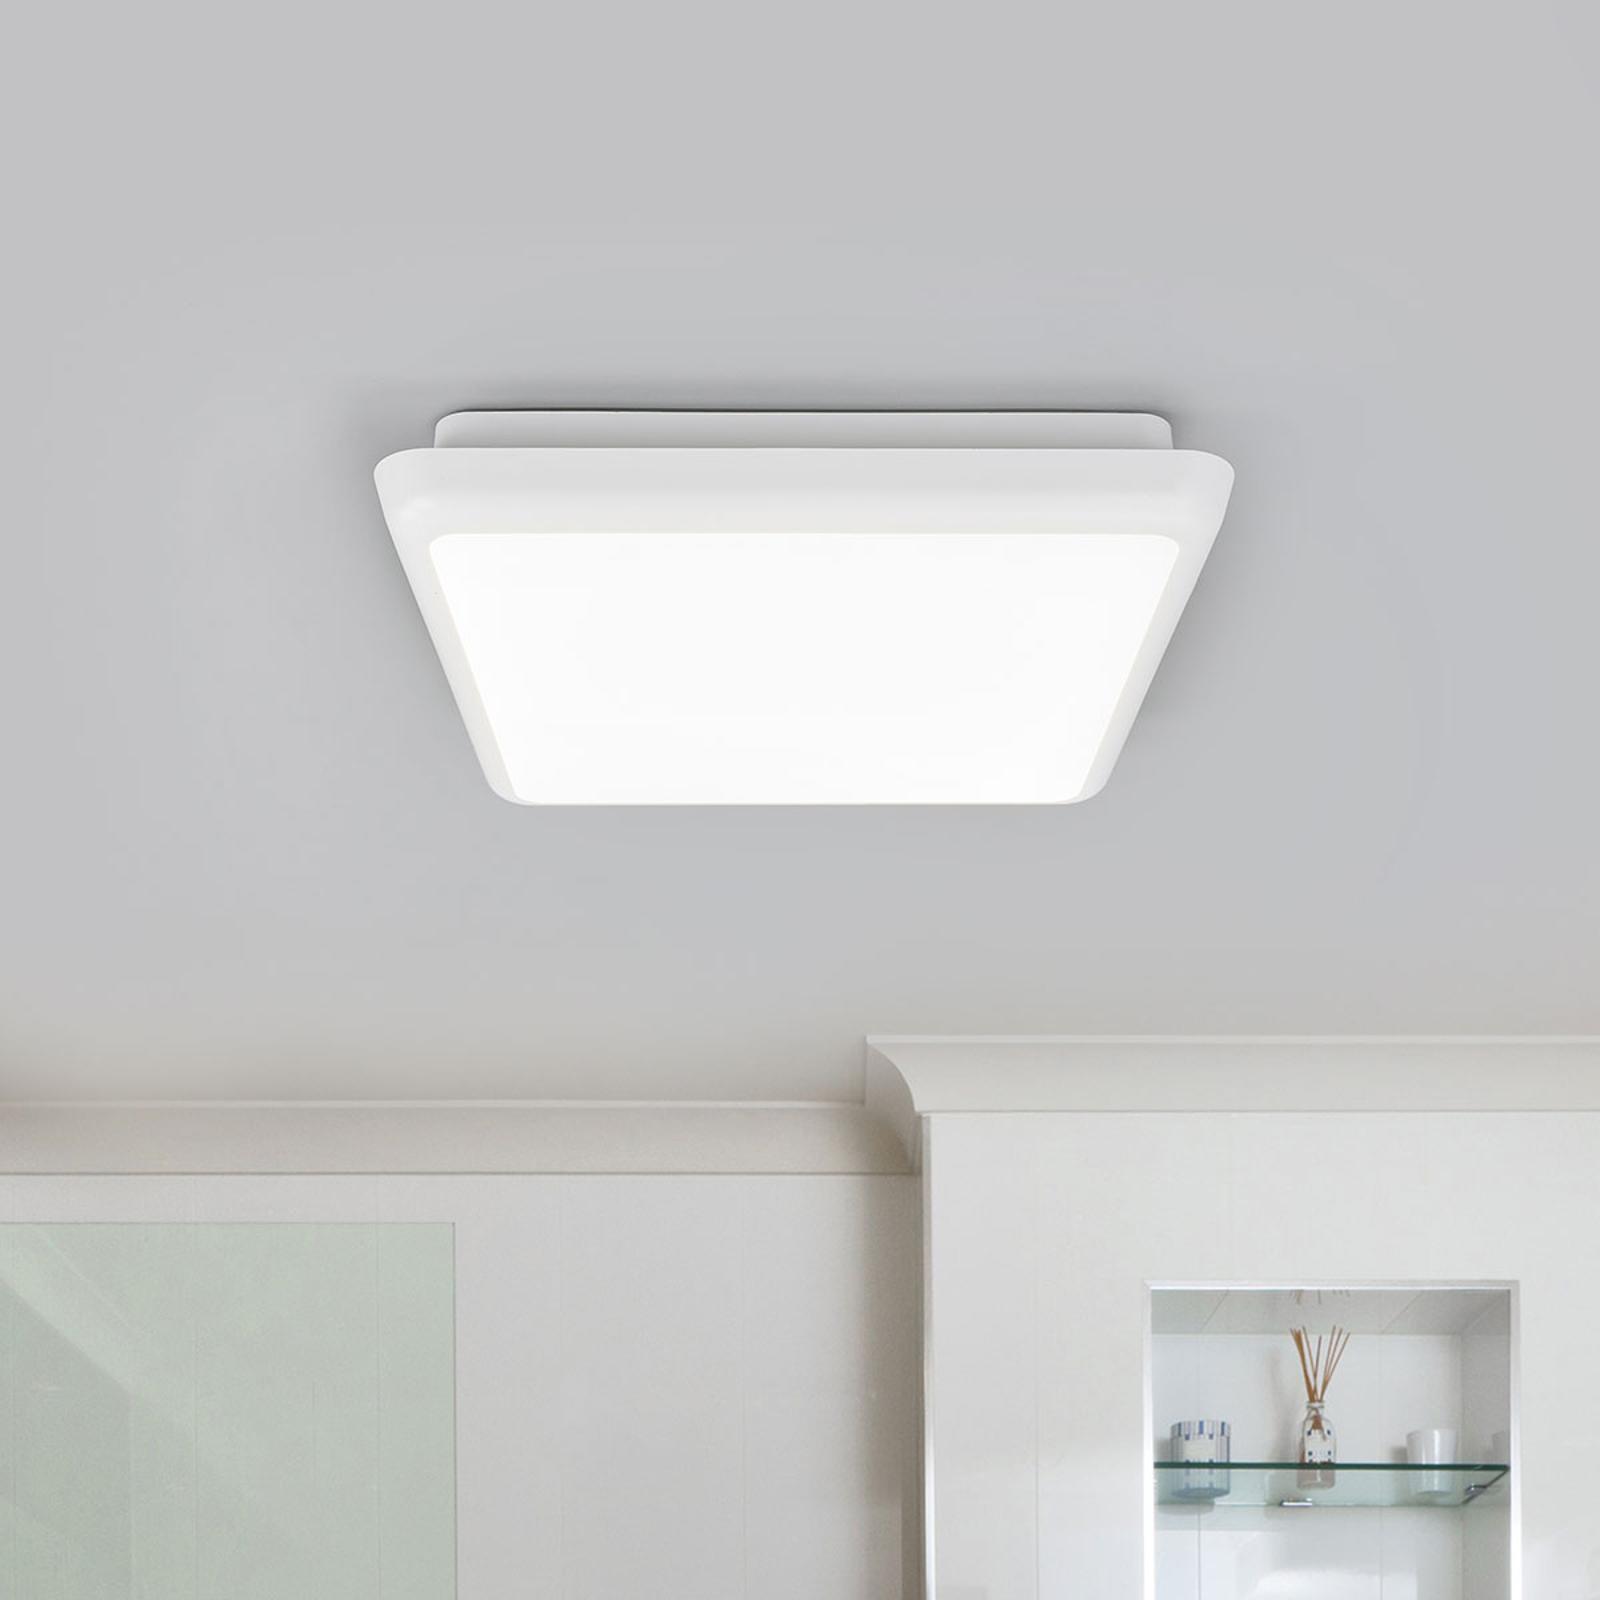 Quadratische LED-Deckenlampe Augustin, 25 cm